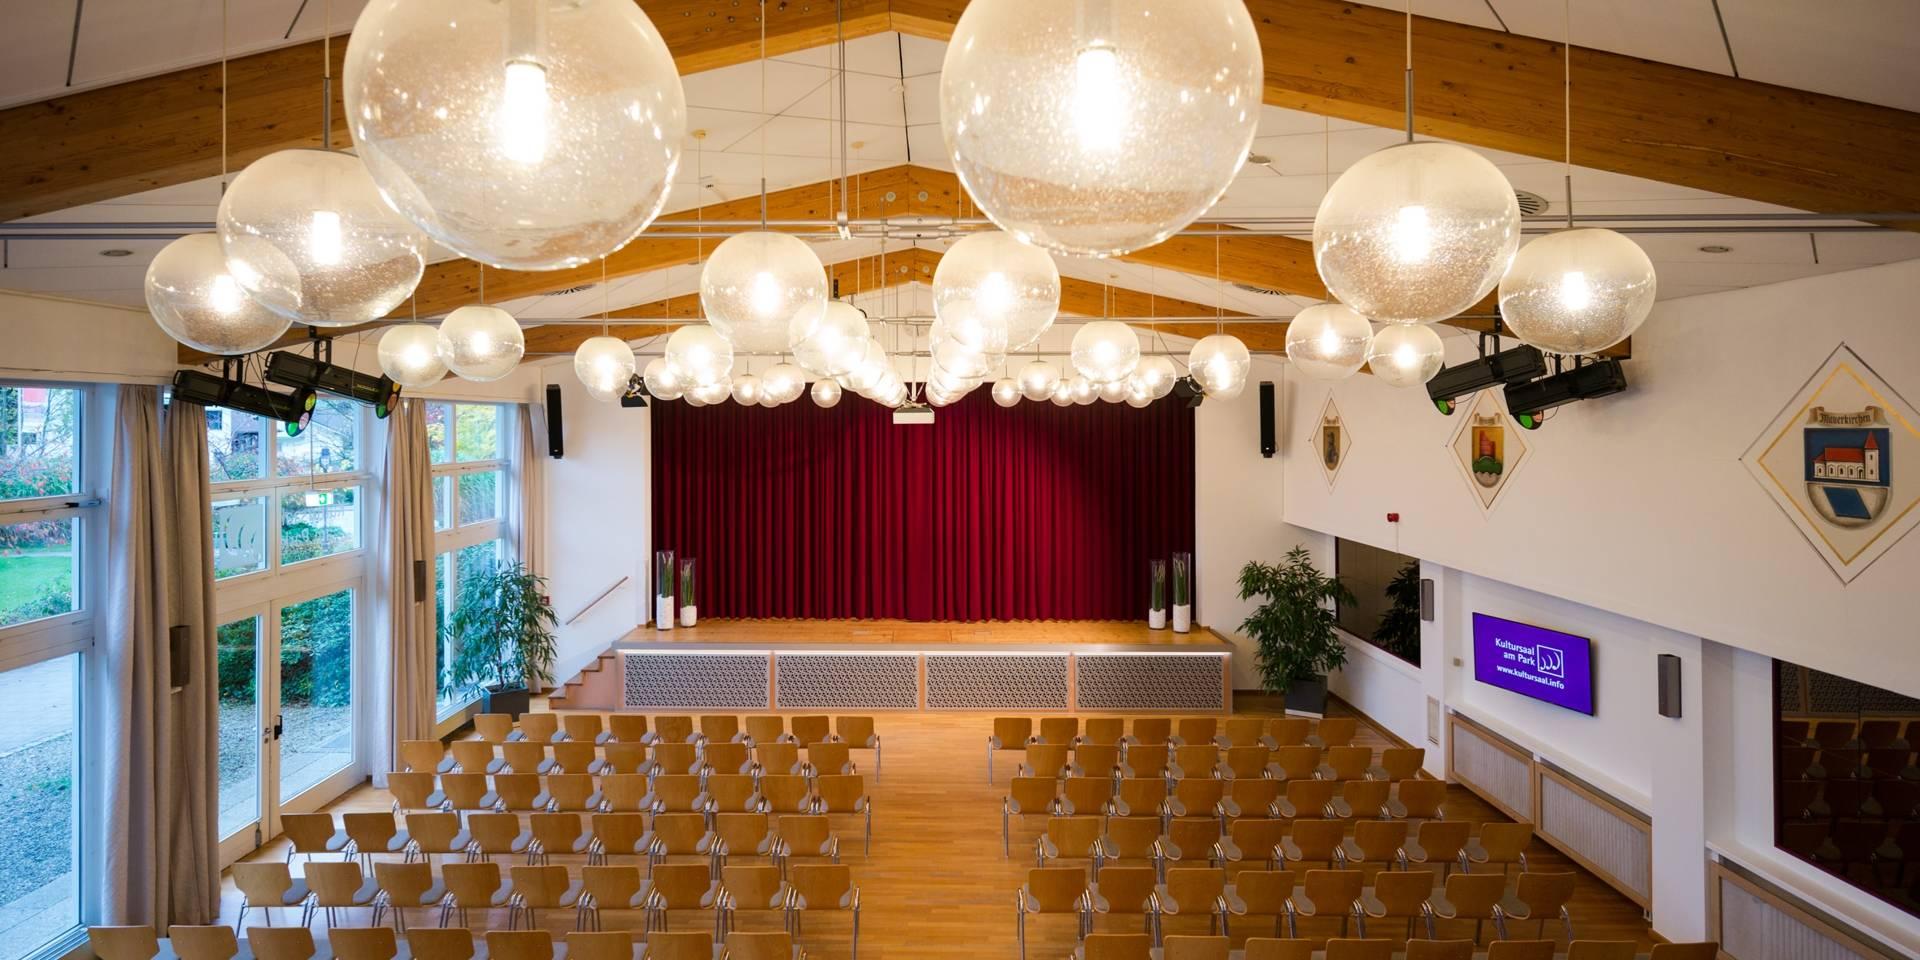 7afa39d97a4b3 Kultursaal am Park in den Chiemgau Thermen Bad Endorf